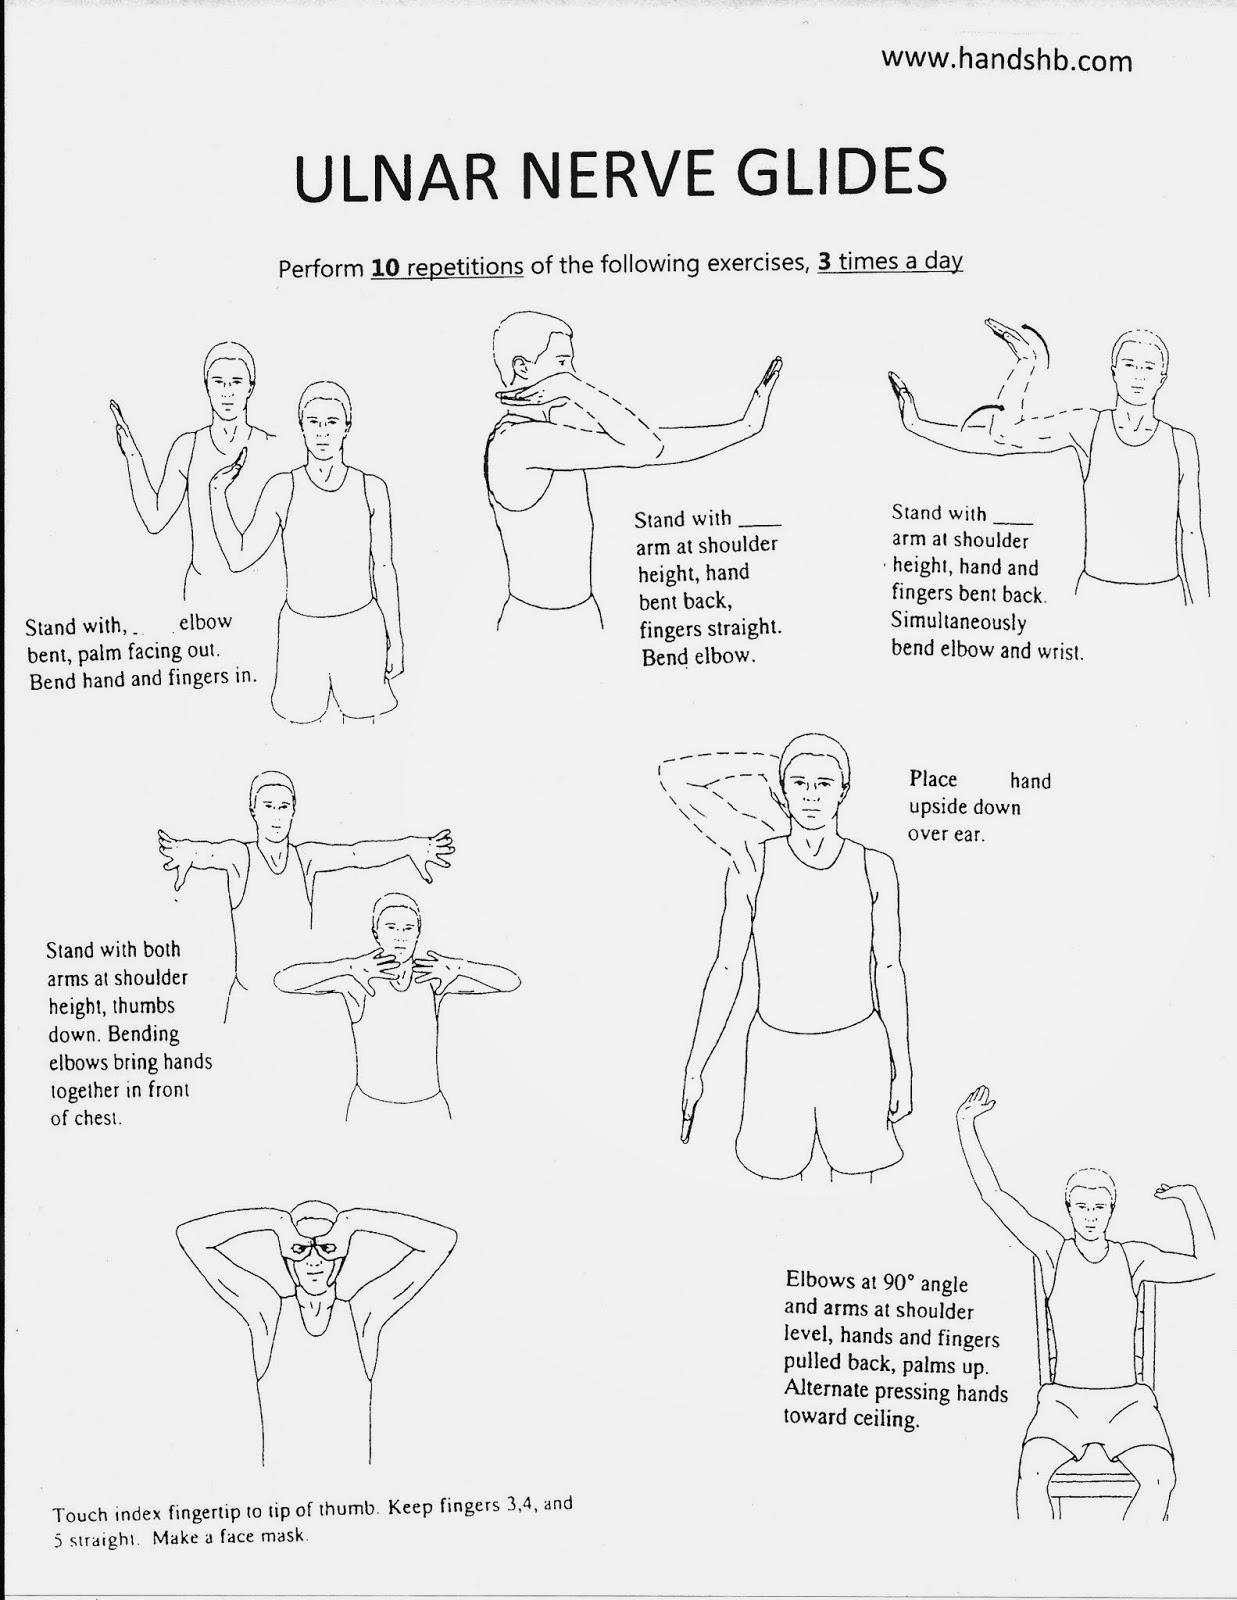 HB Hands: Ulnar Nerve Glides